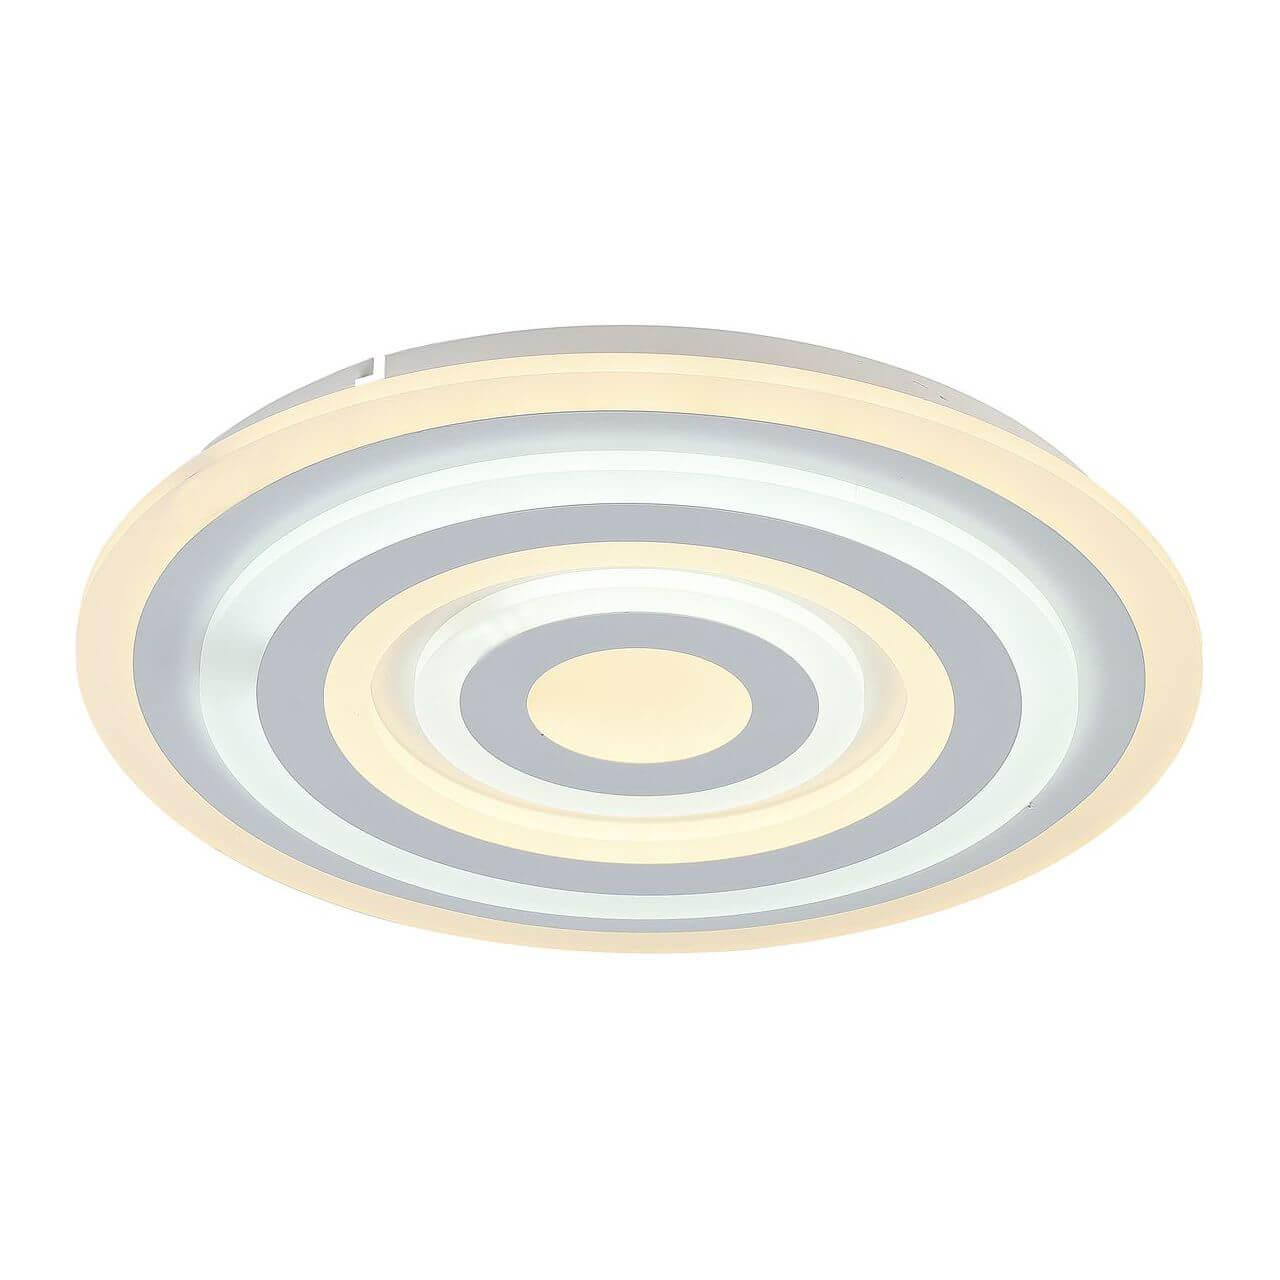 Потолочный светильник F-Promo 2271-5C, LED, 60 Вт светильник favourite ledolution 2283 5c